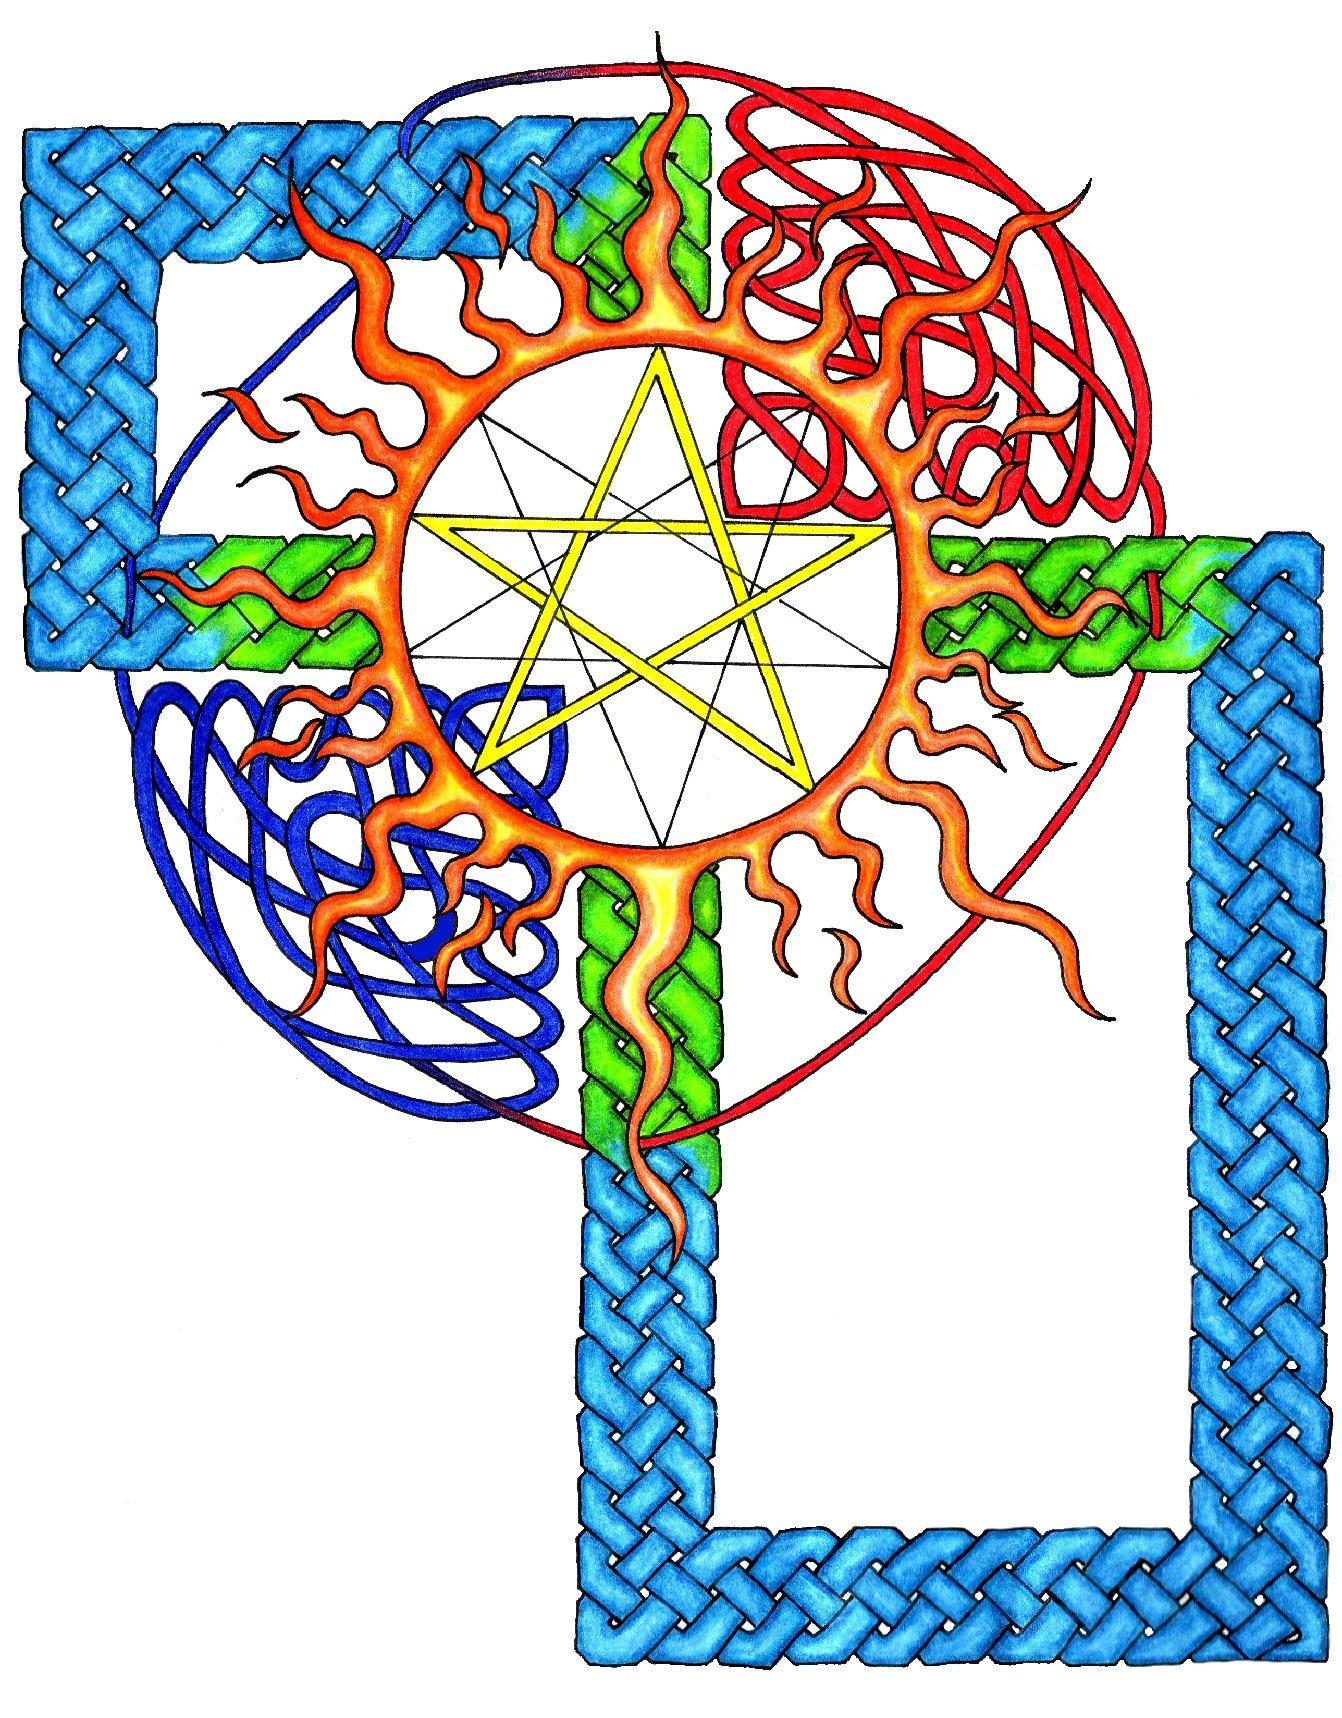 Heiligdom van mijn hart by RaNuit